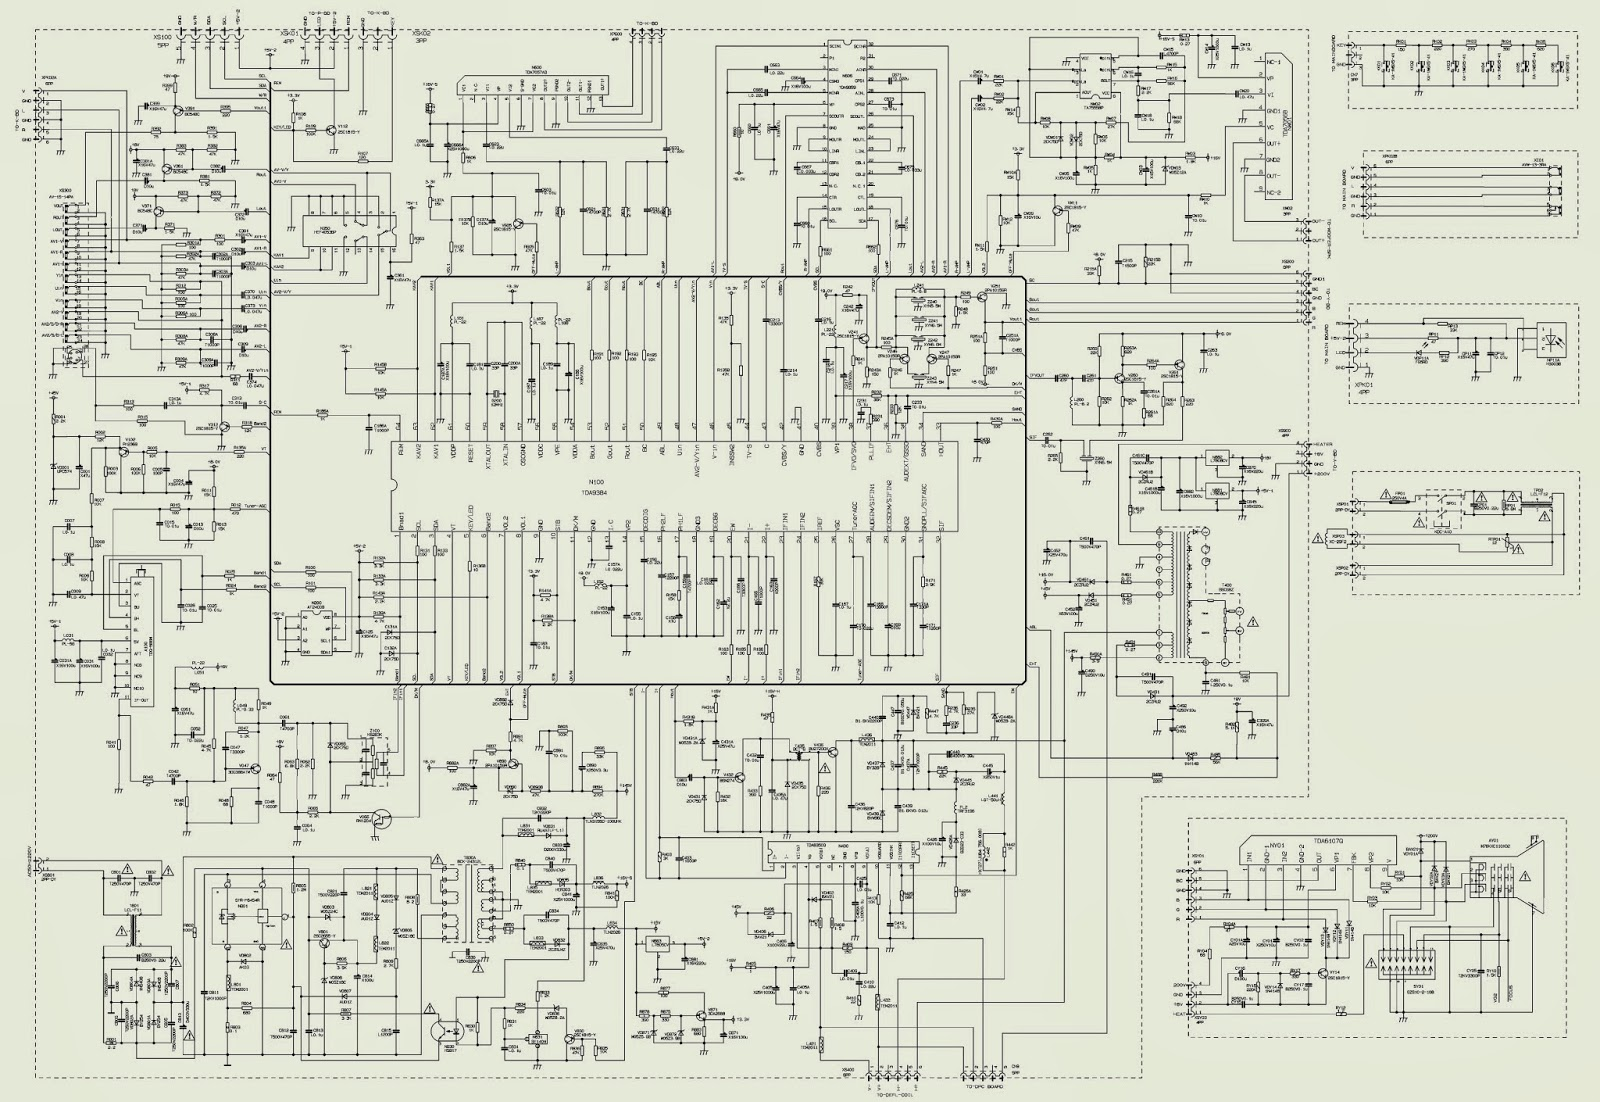 25ct23fsr - akai tv - schematic